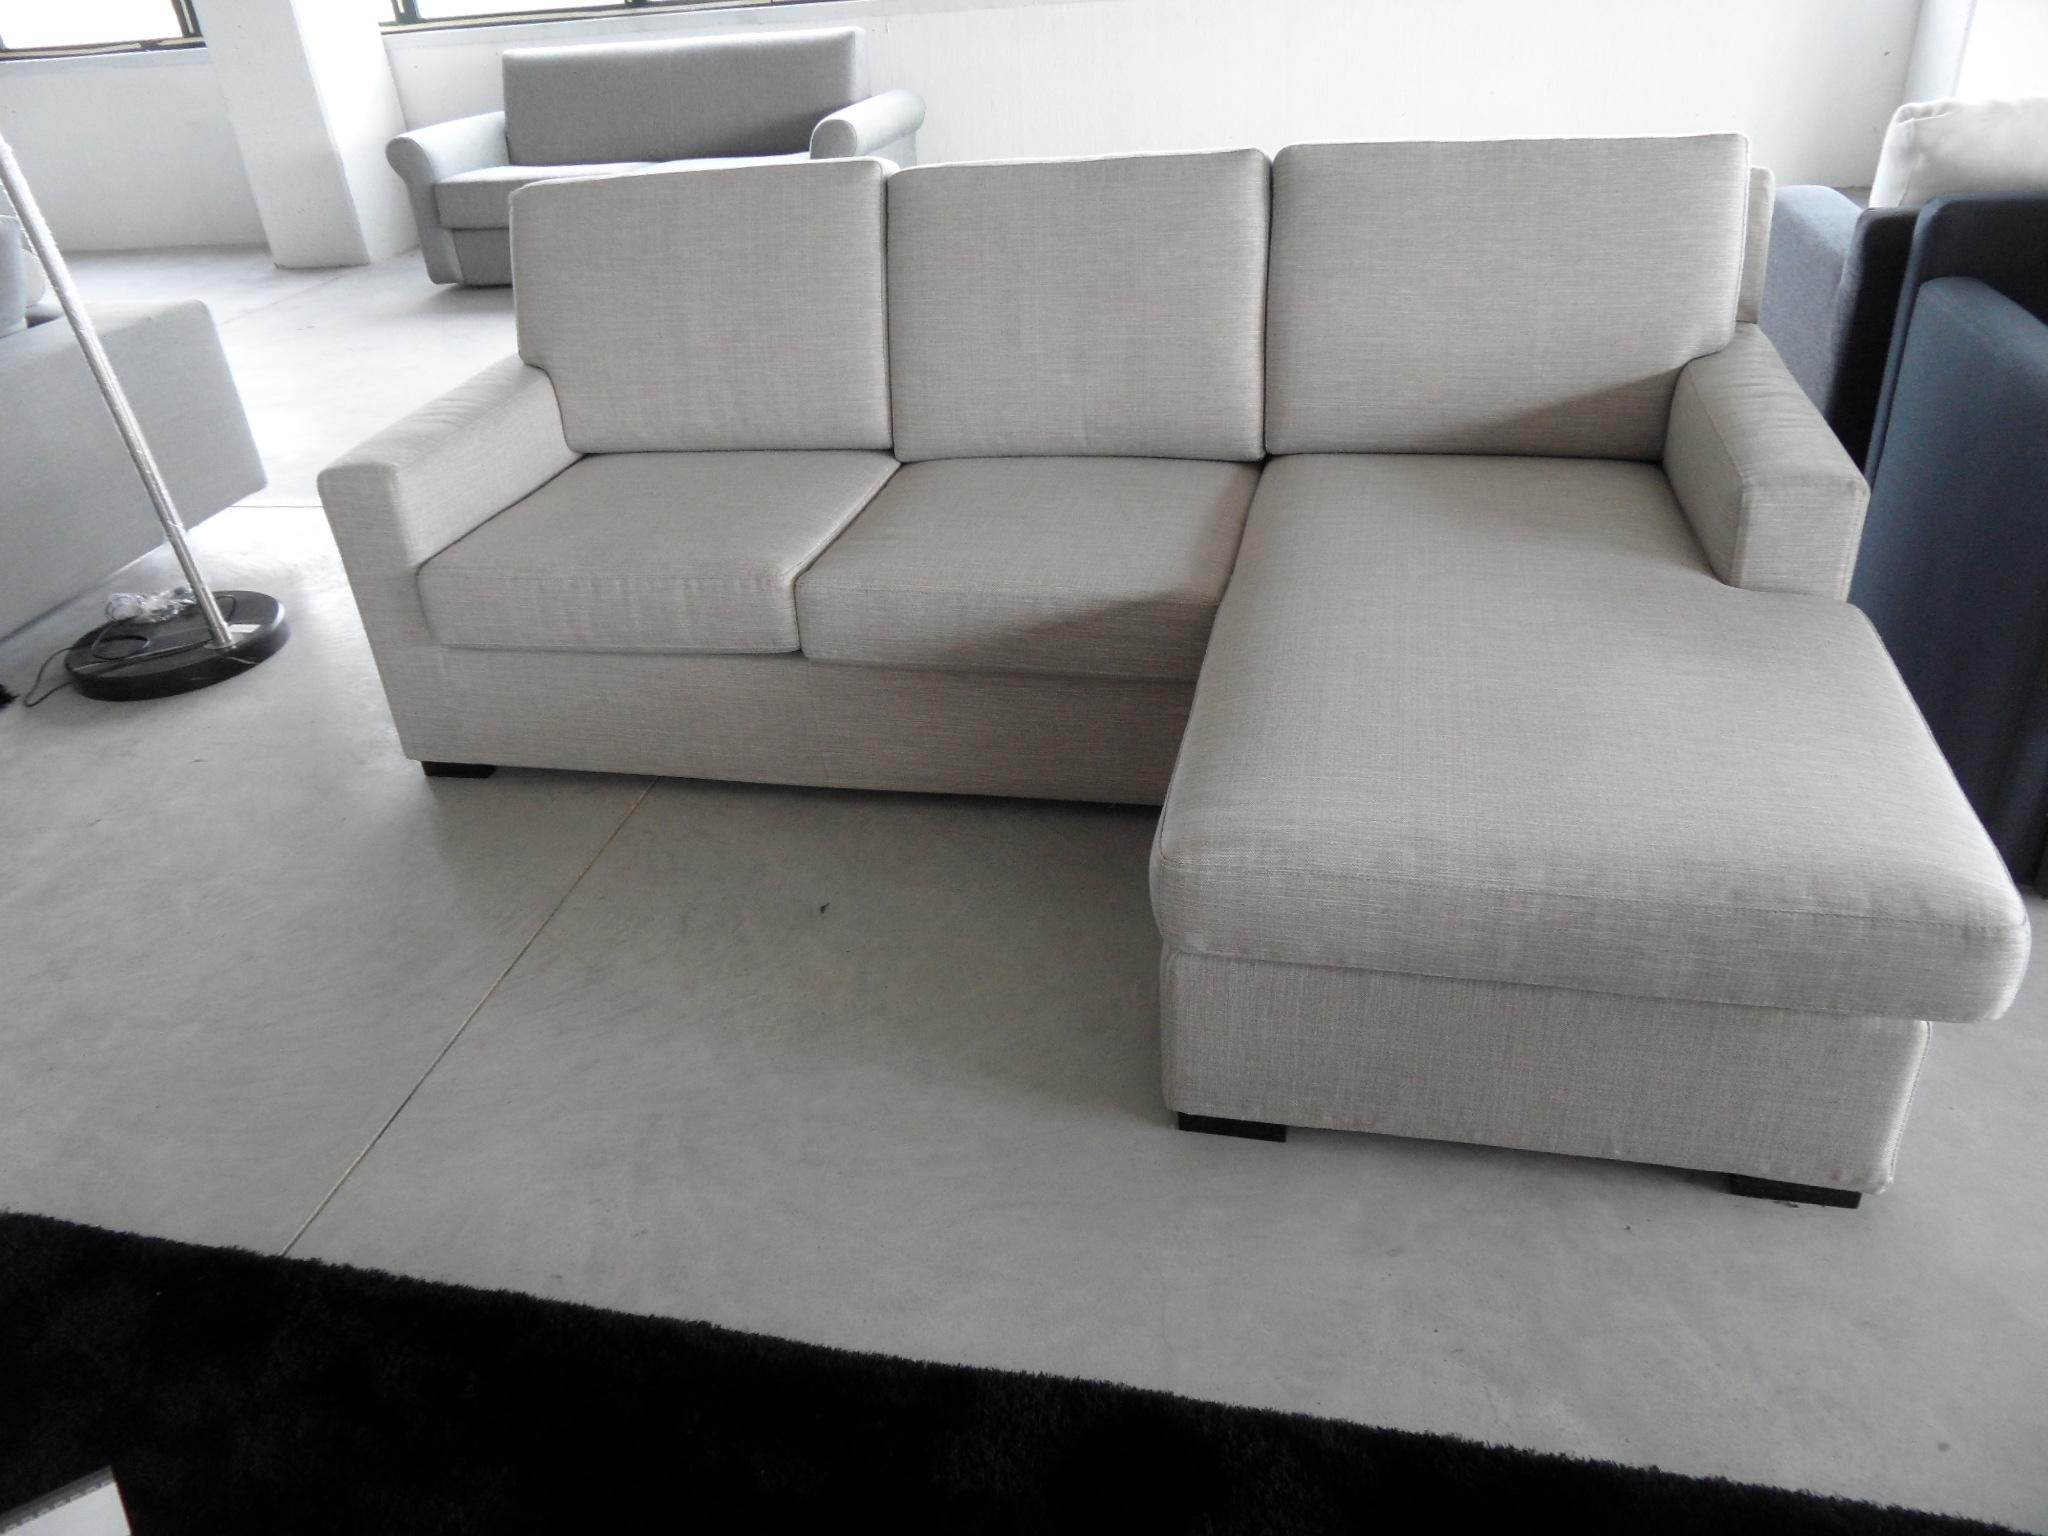 Divano angolare salvetti scontato del 60 divani a for Divani piccoli con penisola